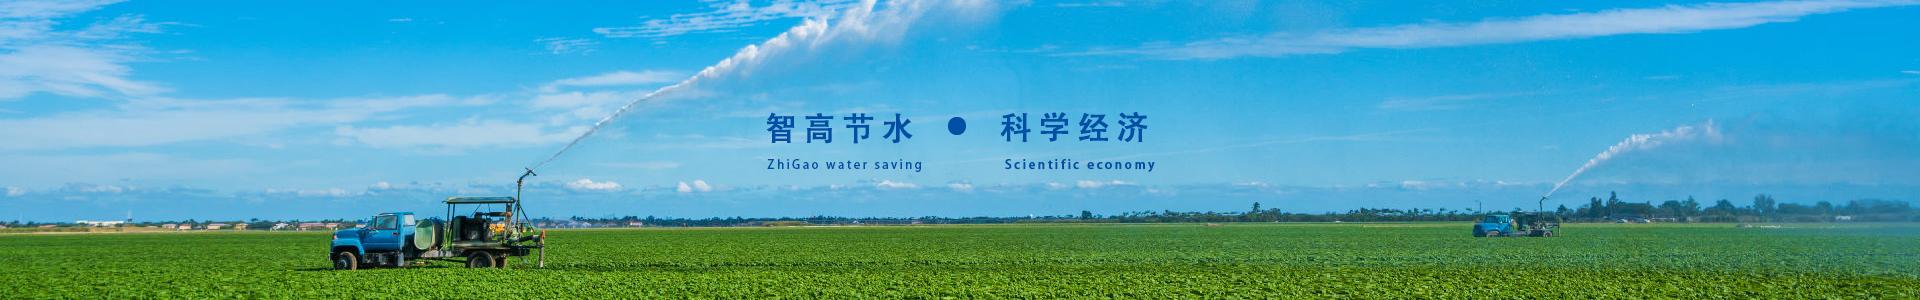 西安节水灌溉